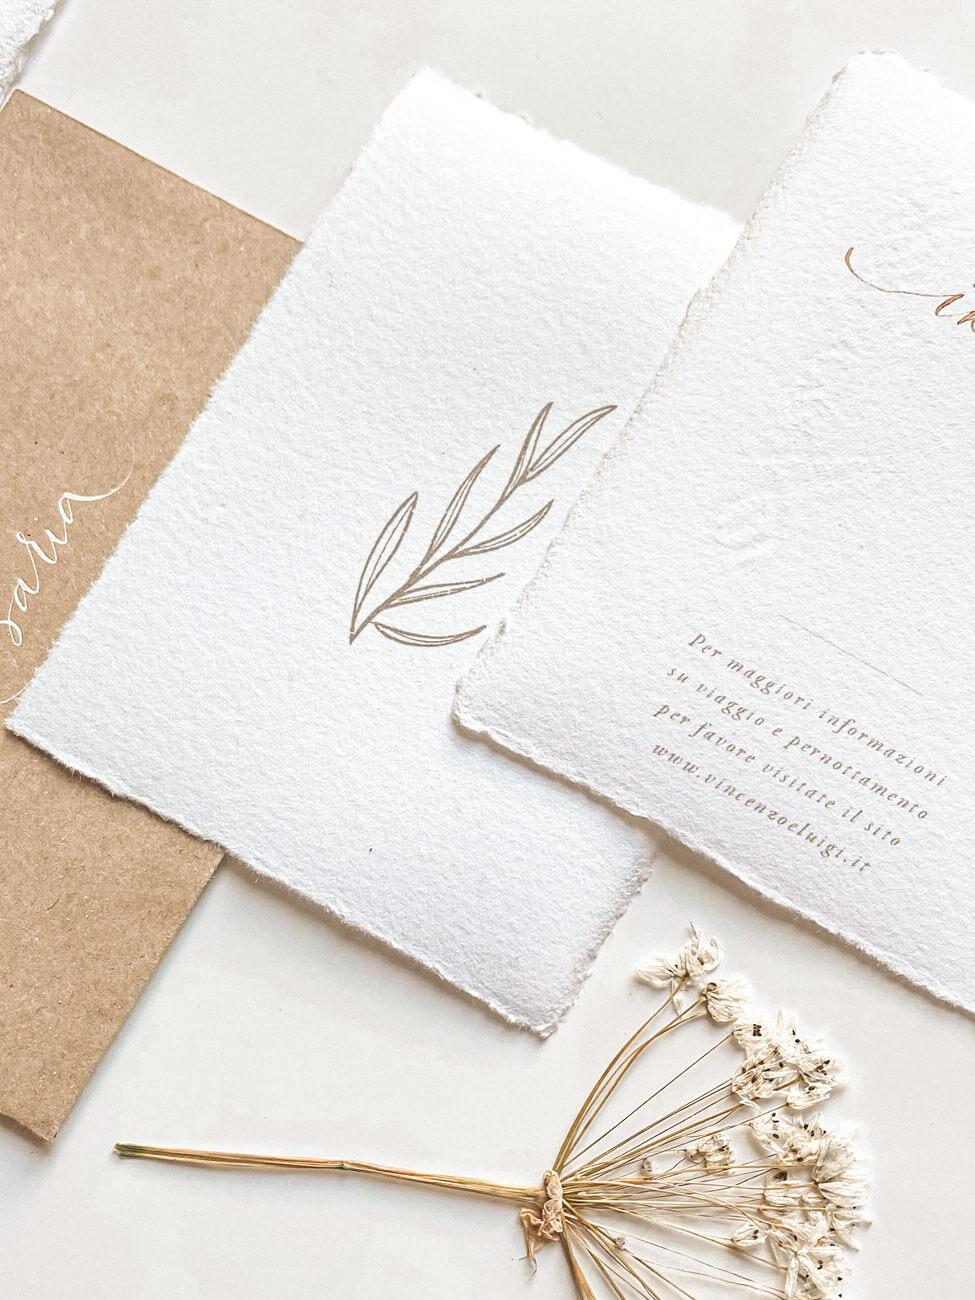 https://www.robertafucci.it/wp-content/uploads/2021/10/roberta-fucci-calligrafa-wedding-inviti-fatti-a-mano-romantici-moderni-personalizzati.jpg